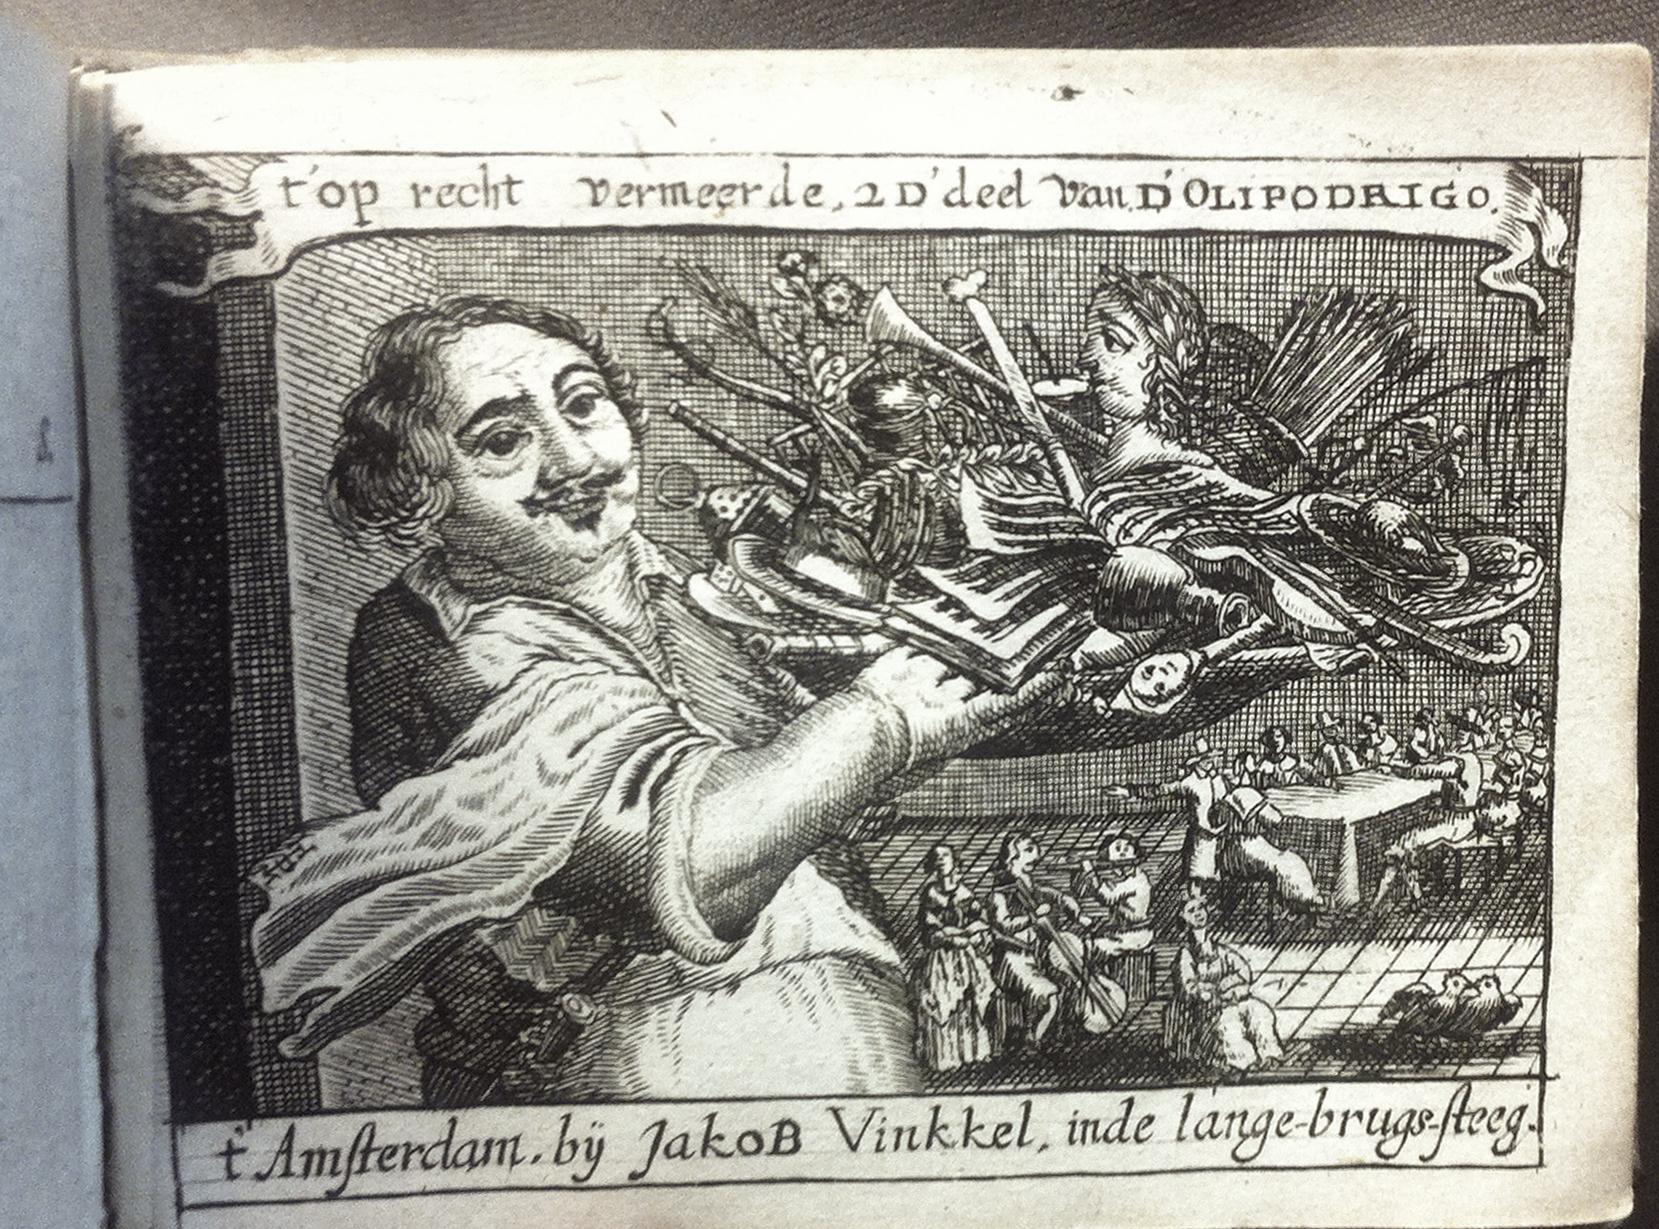 Nederlandse vertalingen van horatius tot 1800